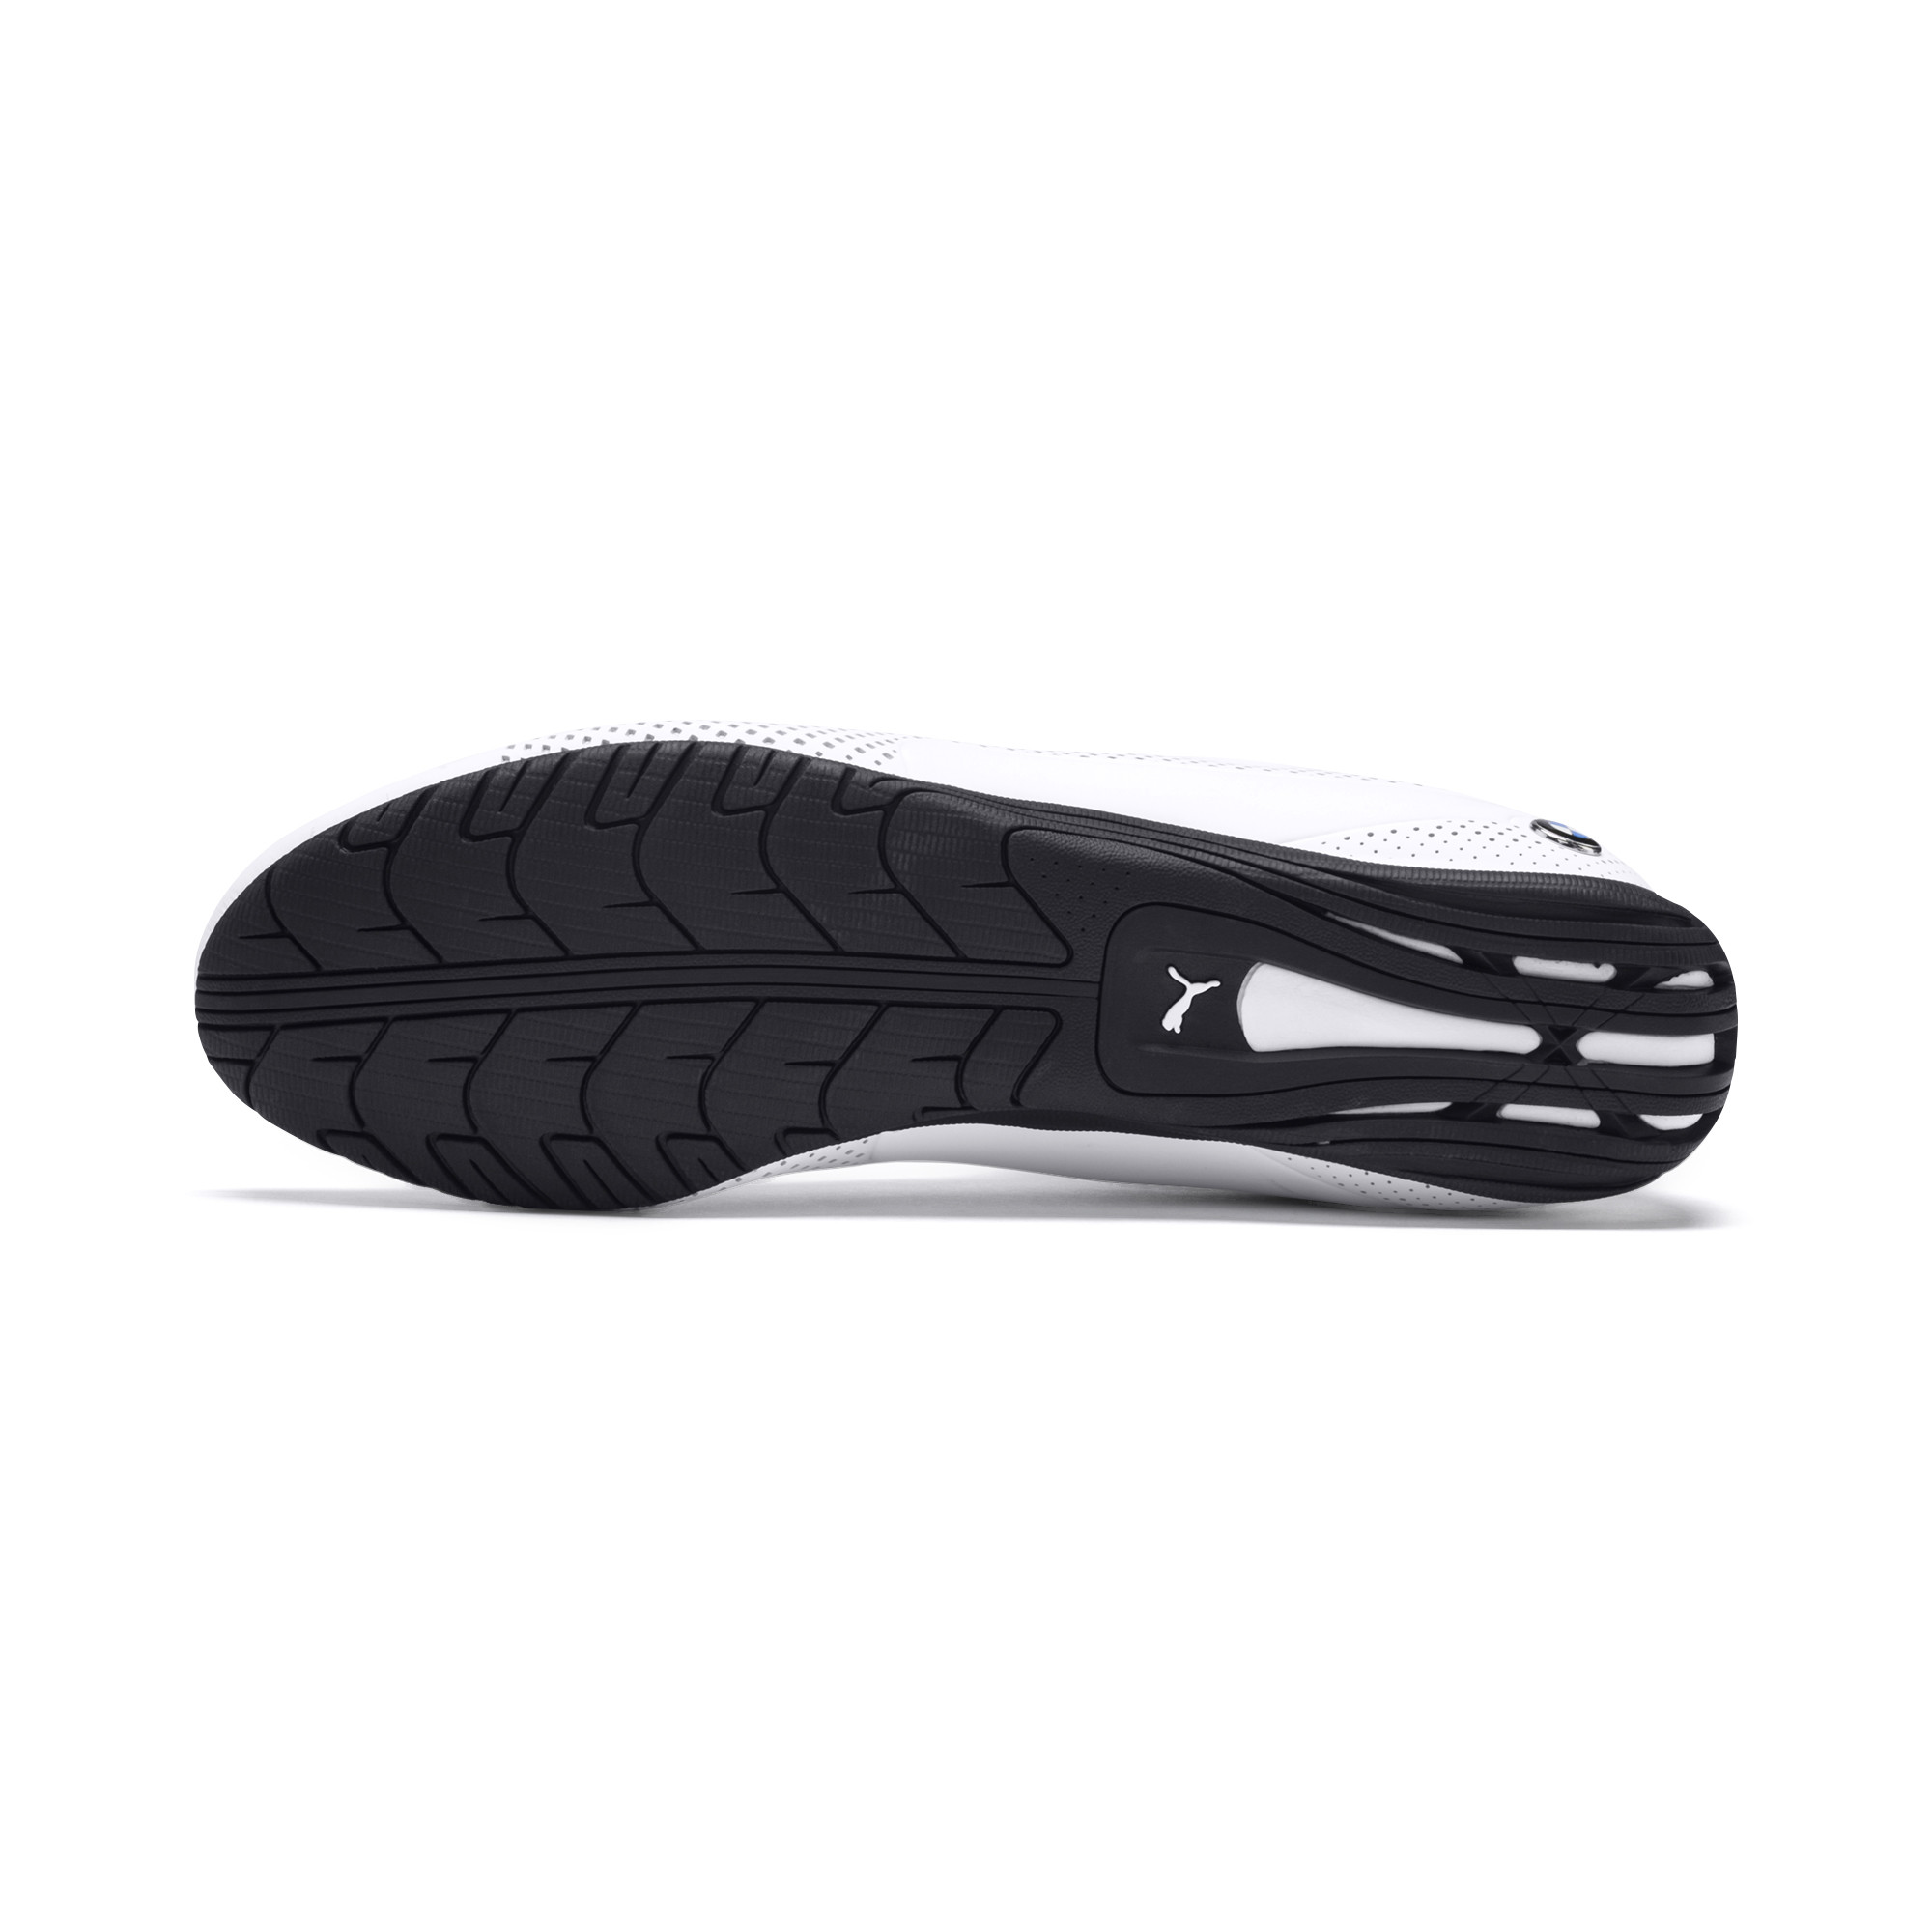 حذاء السباق الرياضي ماركة بوما مع علامة بي ام دبليو